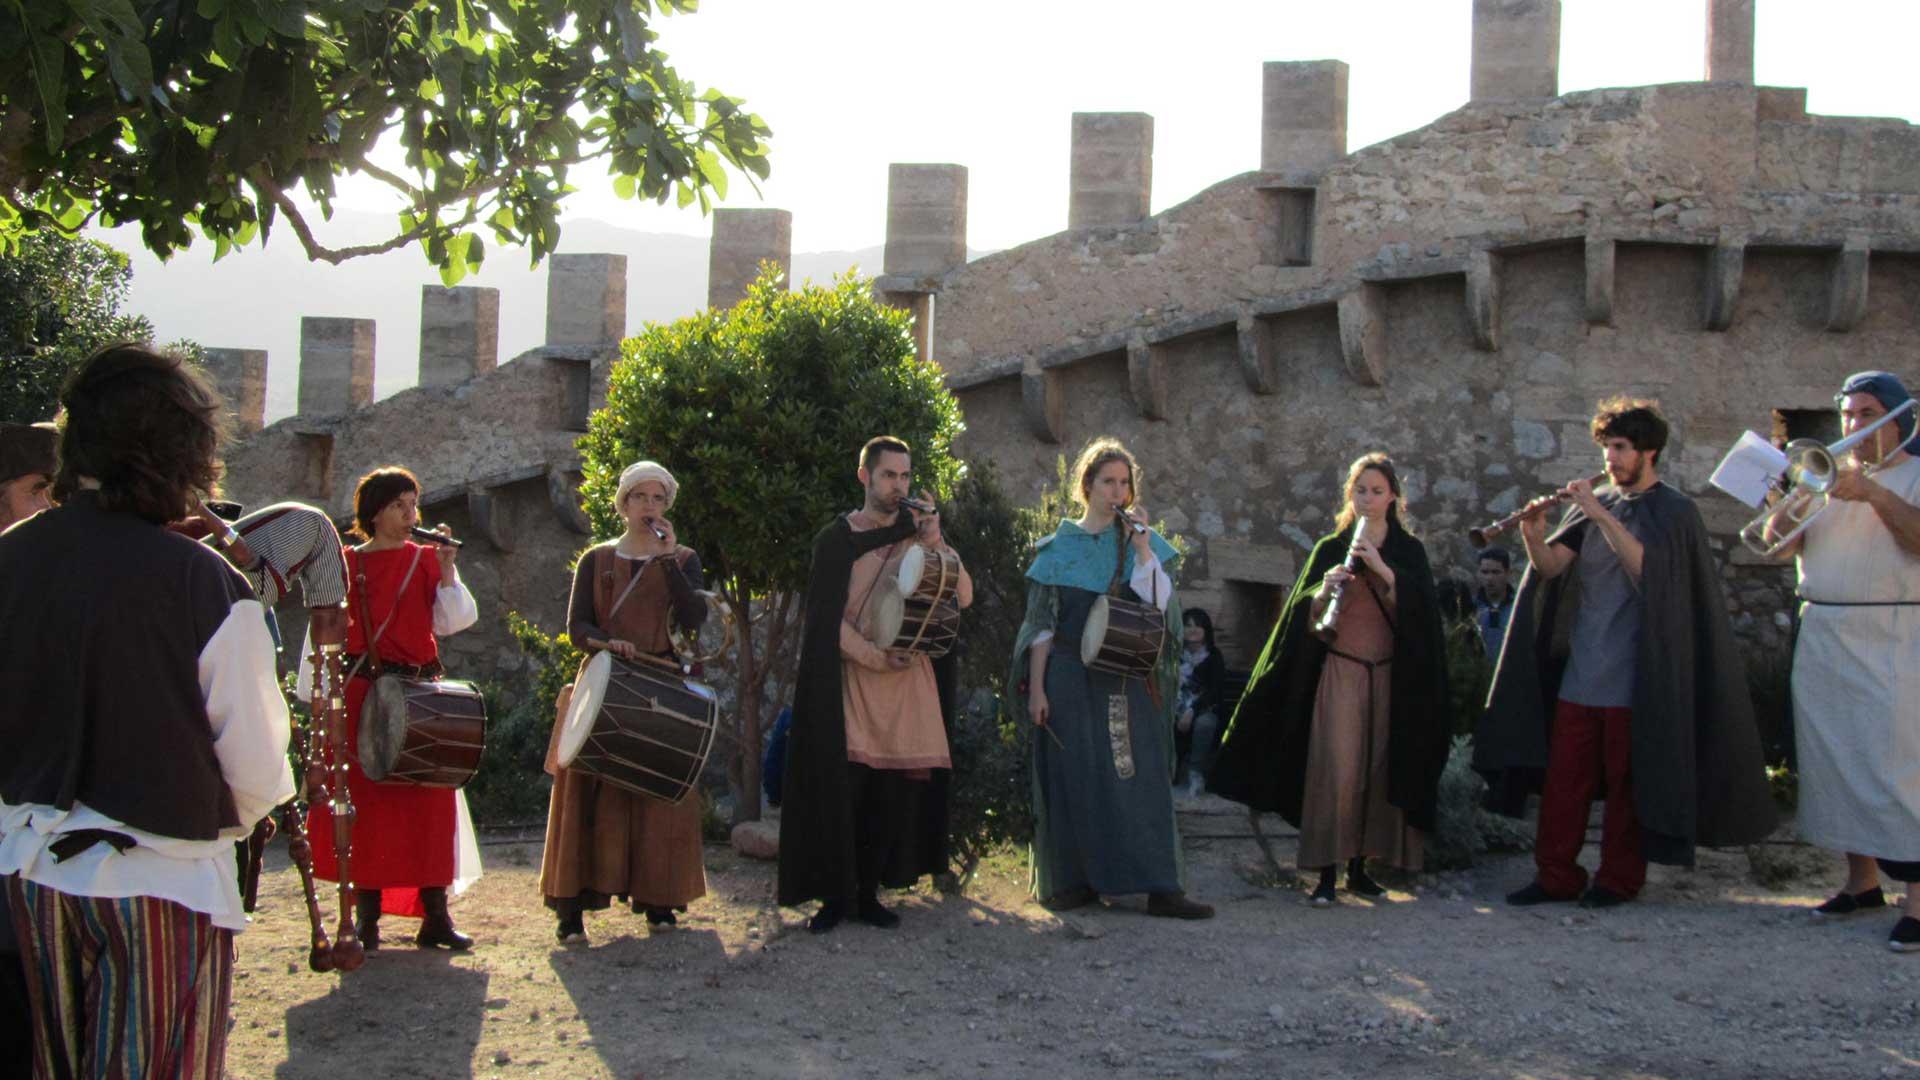 Imagen  Der Mittelaltermarkt von Capdepera: eine Reise durch die Geschichte